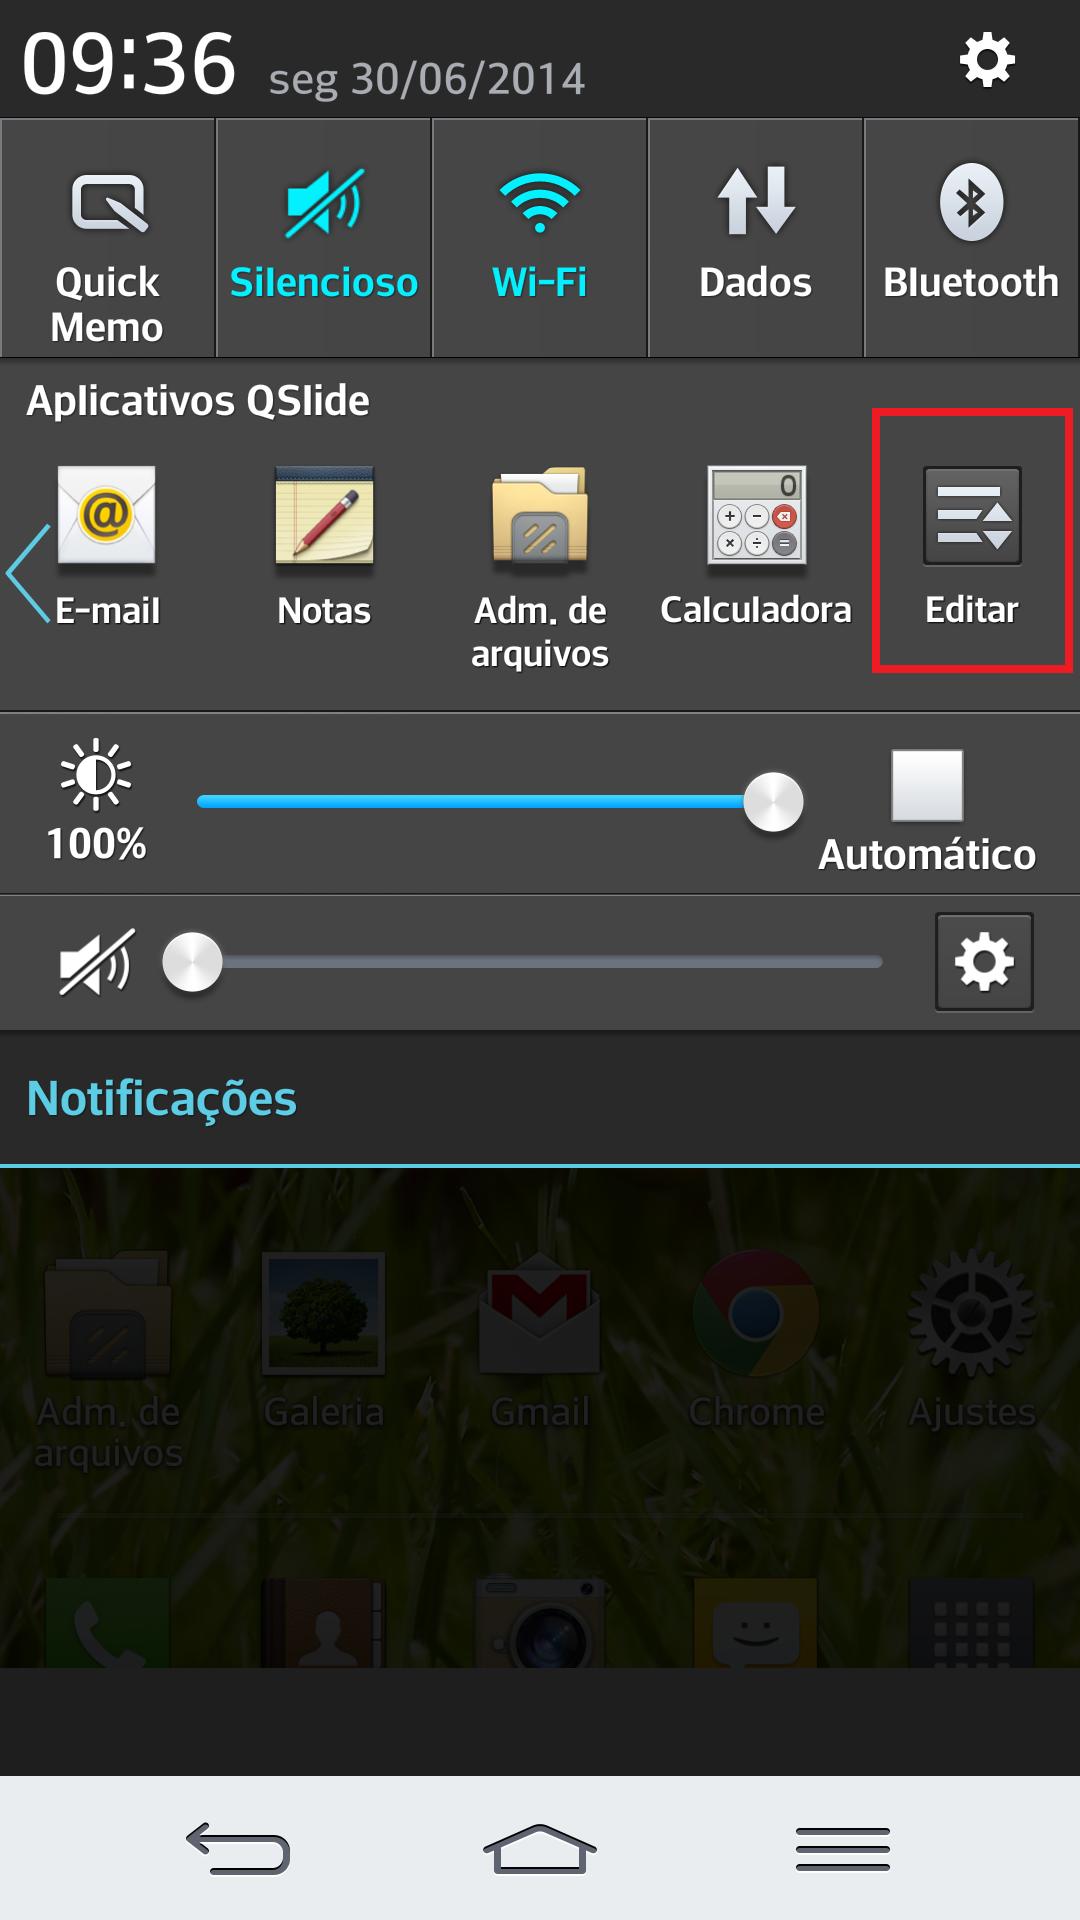 para alterar a ordem dos aplicativos de QSlide, basta arrastar a barra da direita para a esquerda até encontrar a opção Editar